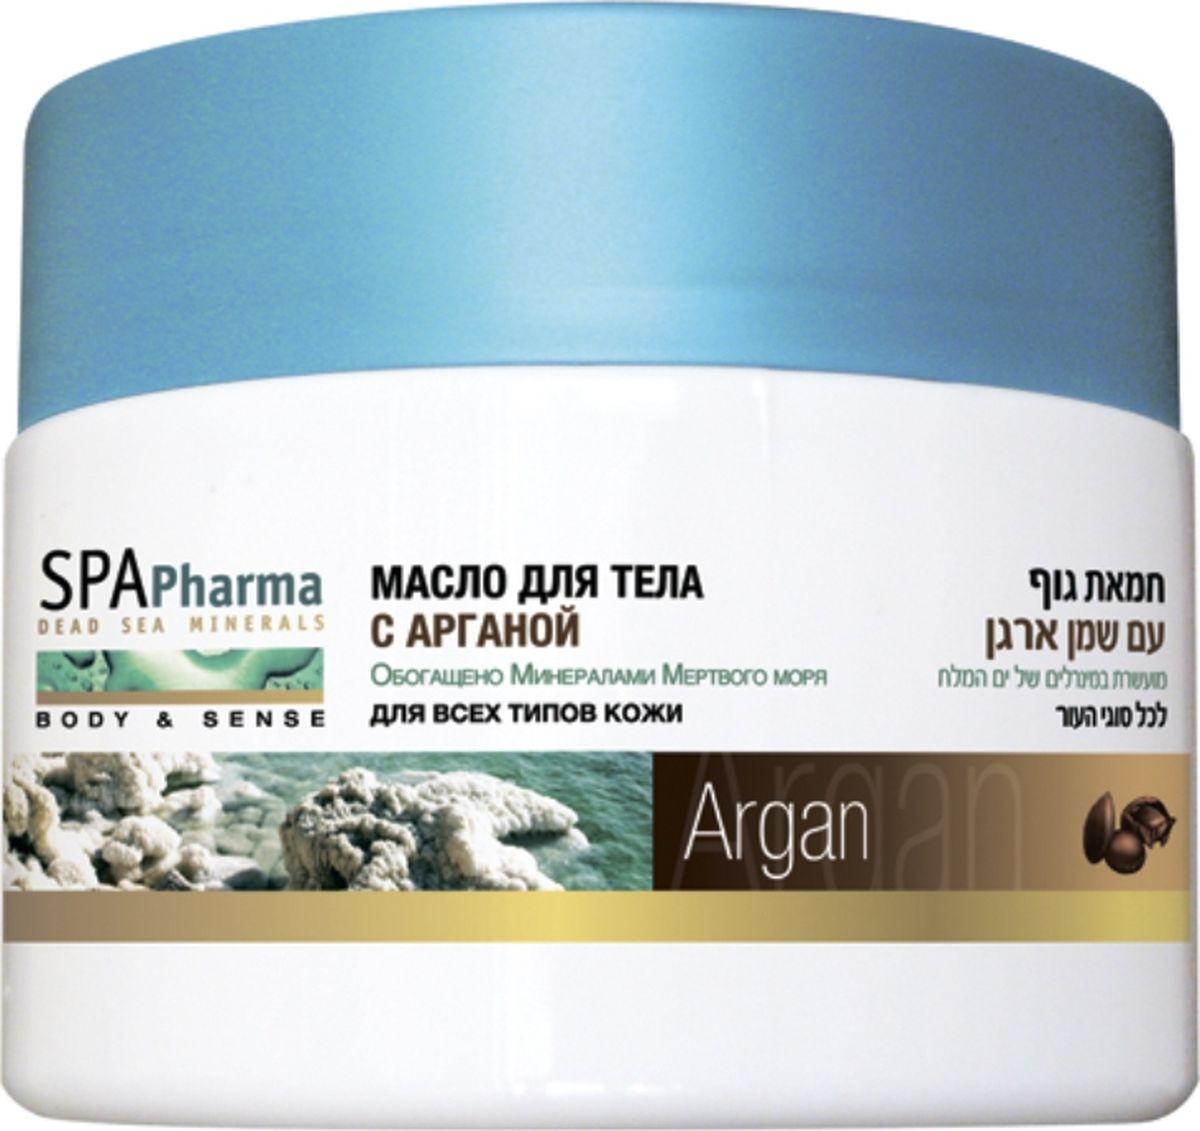 Spa Pharma Масло для тела с арганой для всех типов кожи (антивозрастное), Spa Pharma 350 млSPh1493Масло арганы позволяет замедлить старение кожи и обладает противовоспалительным эффектом; тонизирует, обновляет и омолаживает, позволяя сохранить красоту кожи в течение длительного времени. Подходит для ежедневного использования, не липкое и без жирной пленки.